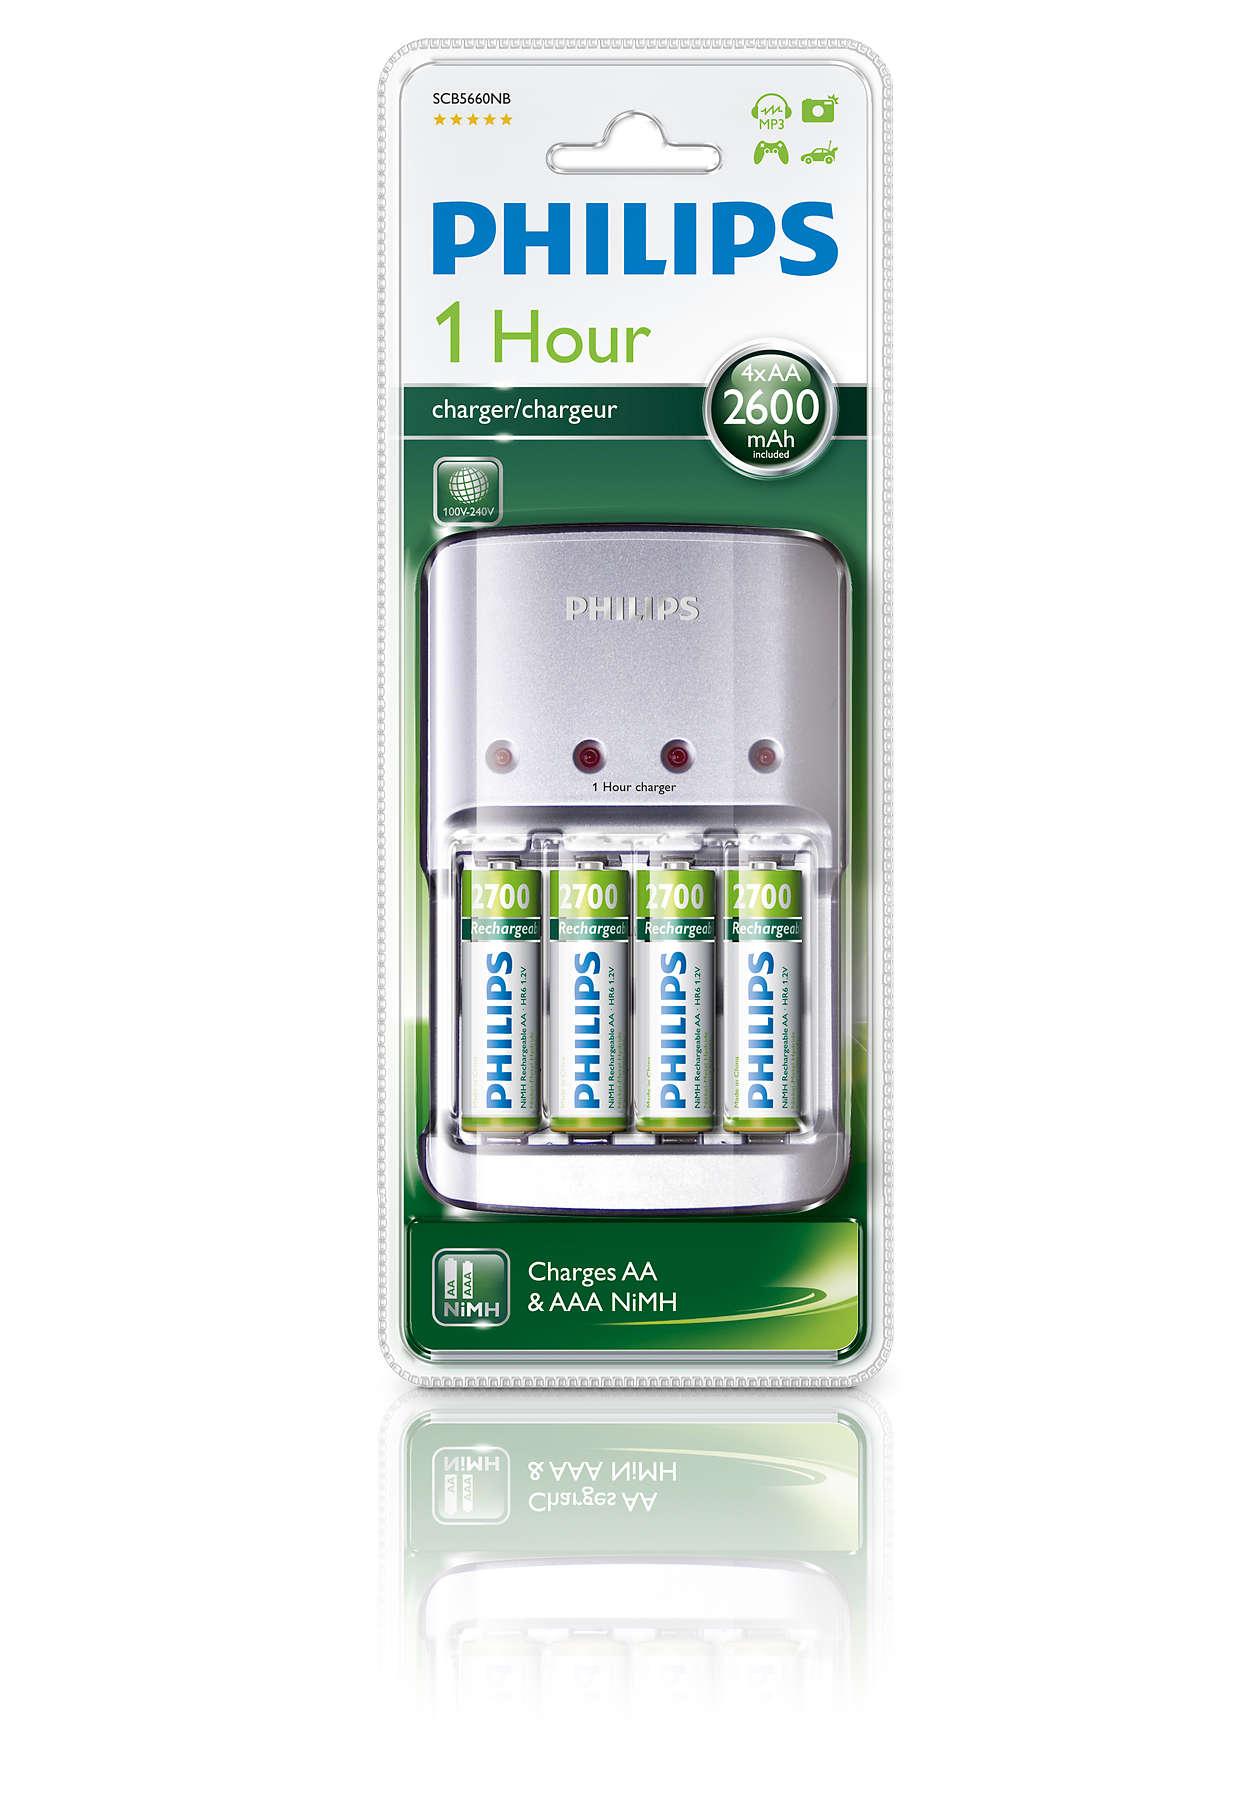 2-4 db AA/AAA akkumulátor teljes feltöltése egy óra alatt